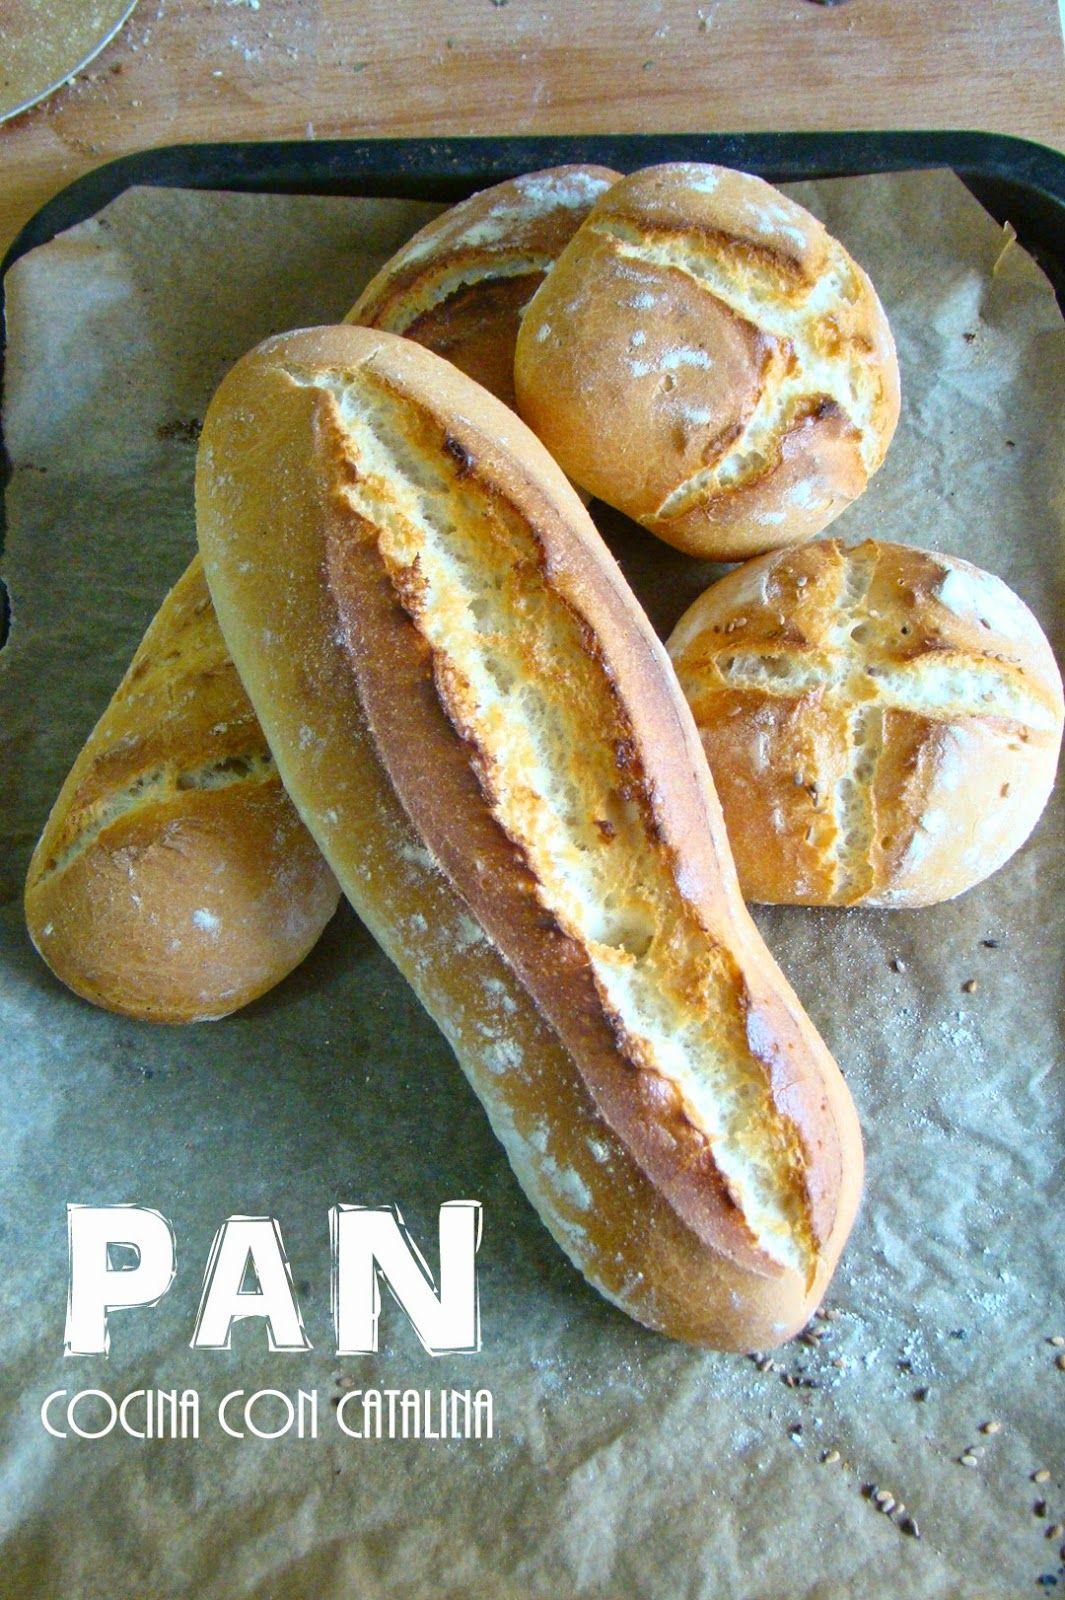 Receta Como Hacer Pan Casero Paso A Paso Para Niños Pan Como Hacer Pan Paso A Paso Pan Casero Receta Recetas De Panaderia Como Hacer Pan